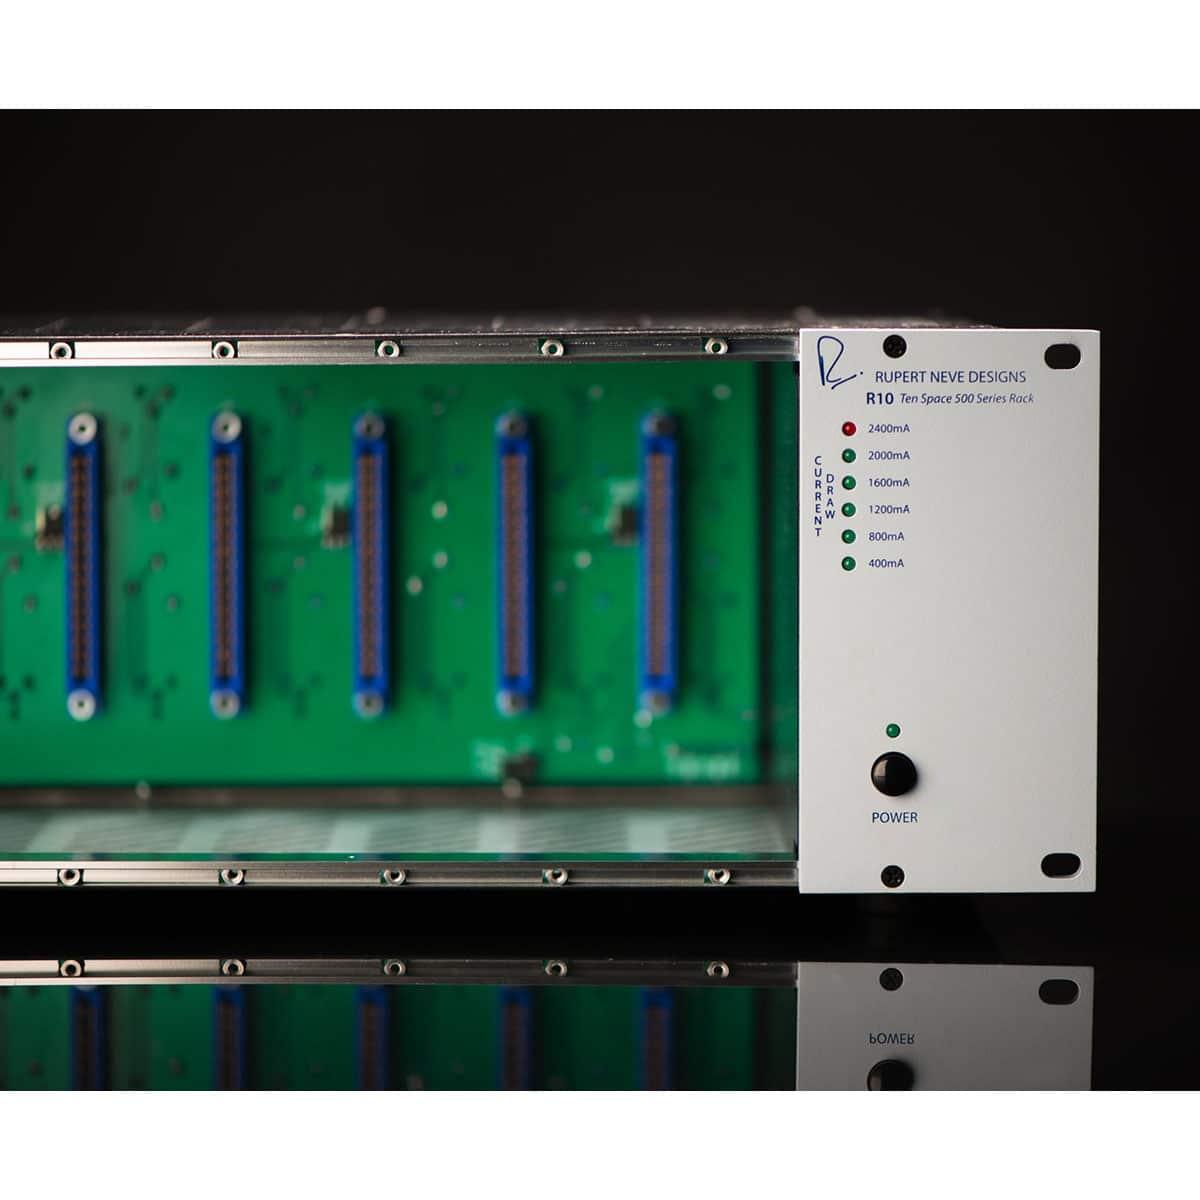 Rupert Neve R10 06 Pro Audio, Accessori, Lunchbox